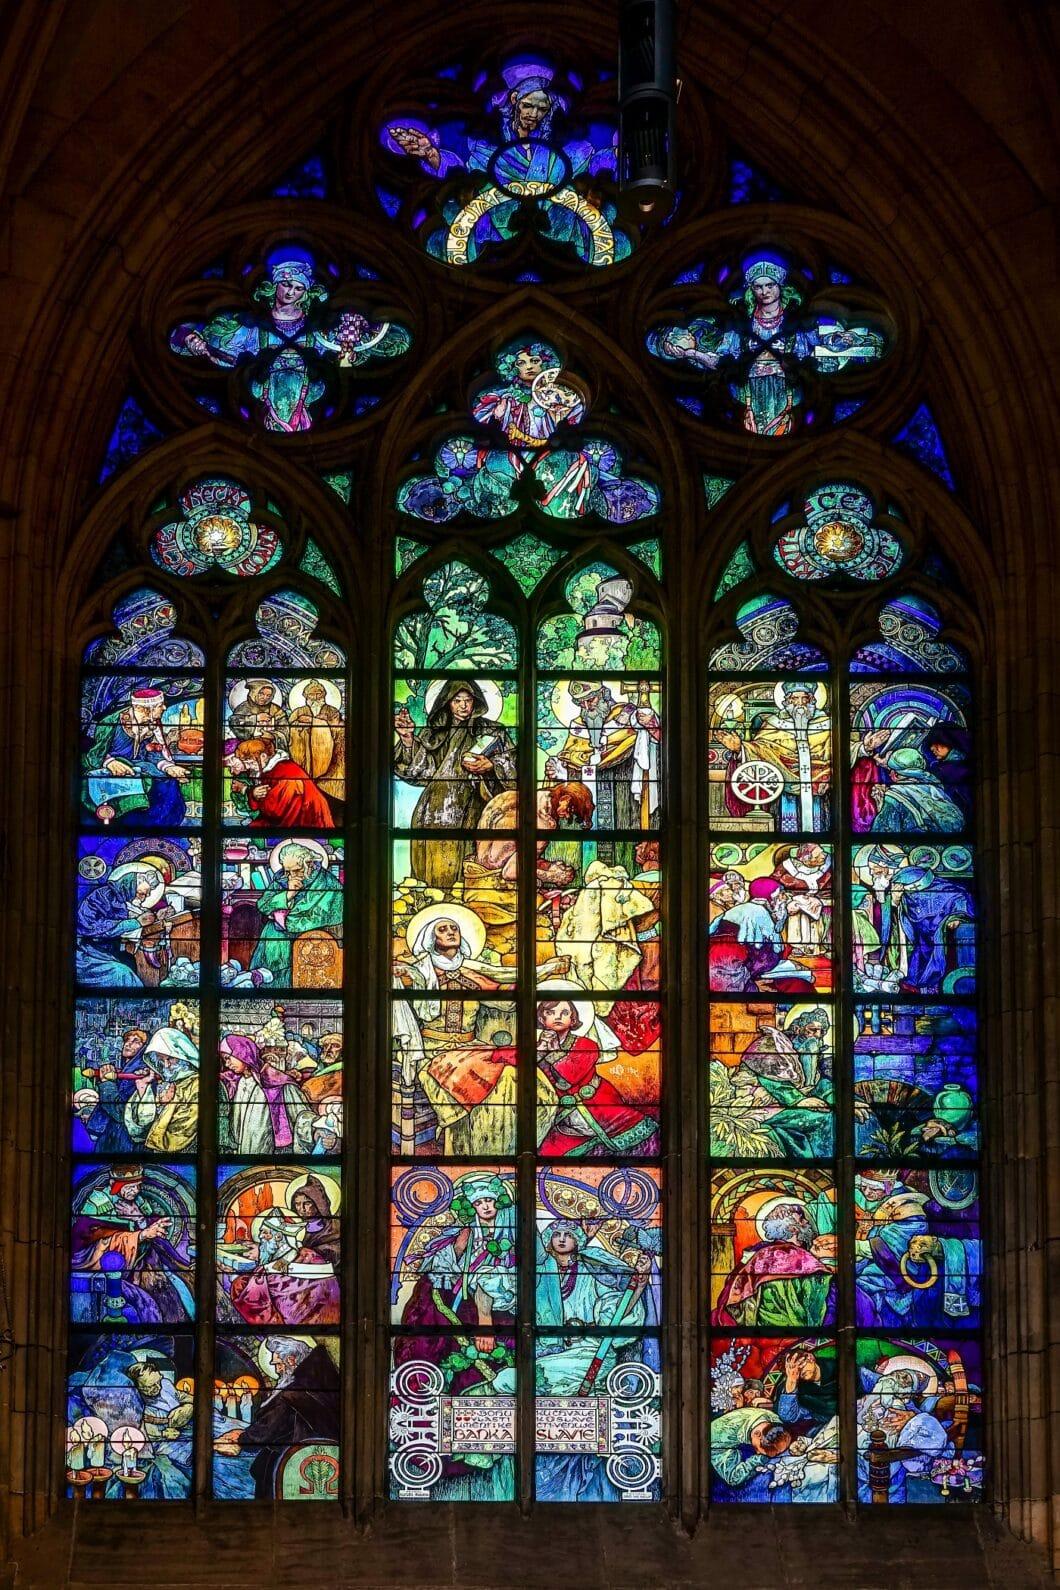 Das beeindruckende Gesamtbild, das Alphonse Mucha in der St. Vitus-Kathedrale in Prag erschaffen hat. Erkennen Sie den winzigen Ausschnitt, den das Küchen&Design Magazin Print daraus beansprucht? (Foto: stock)